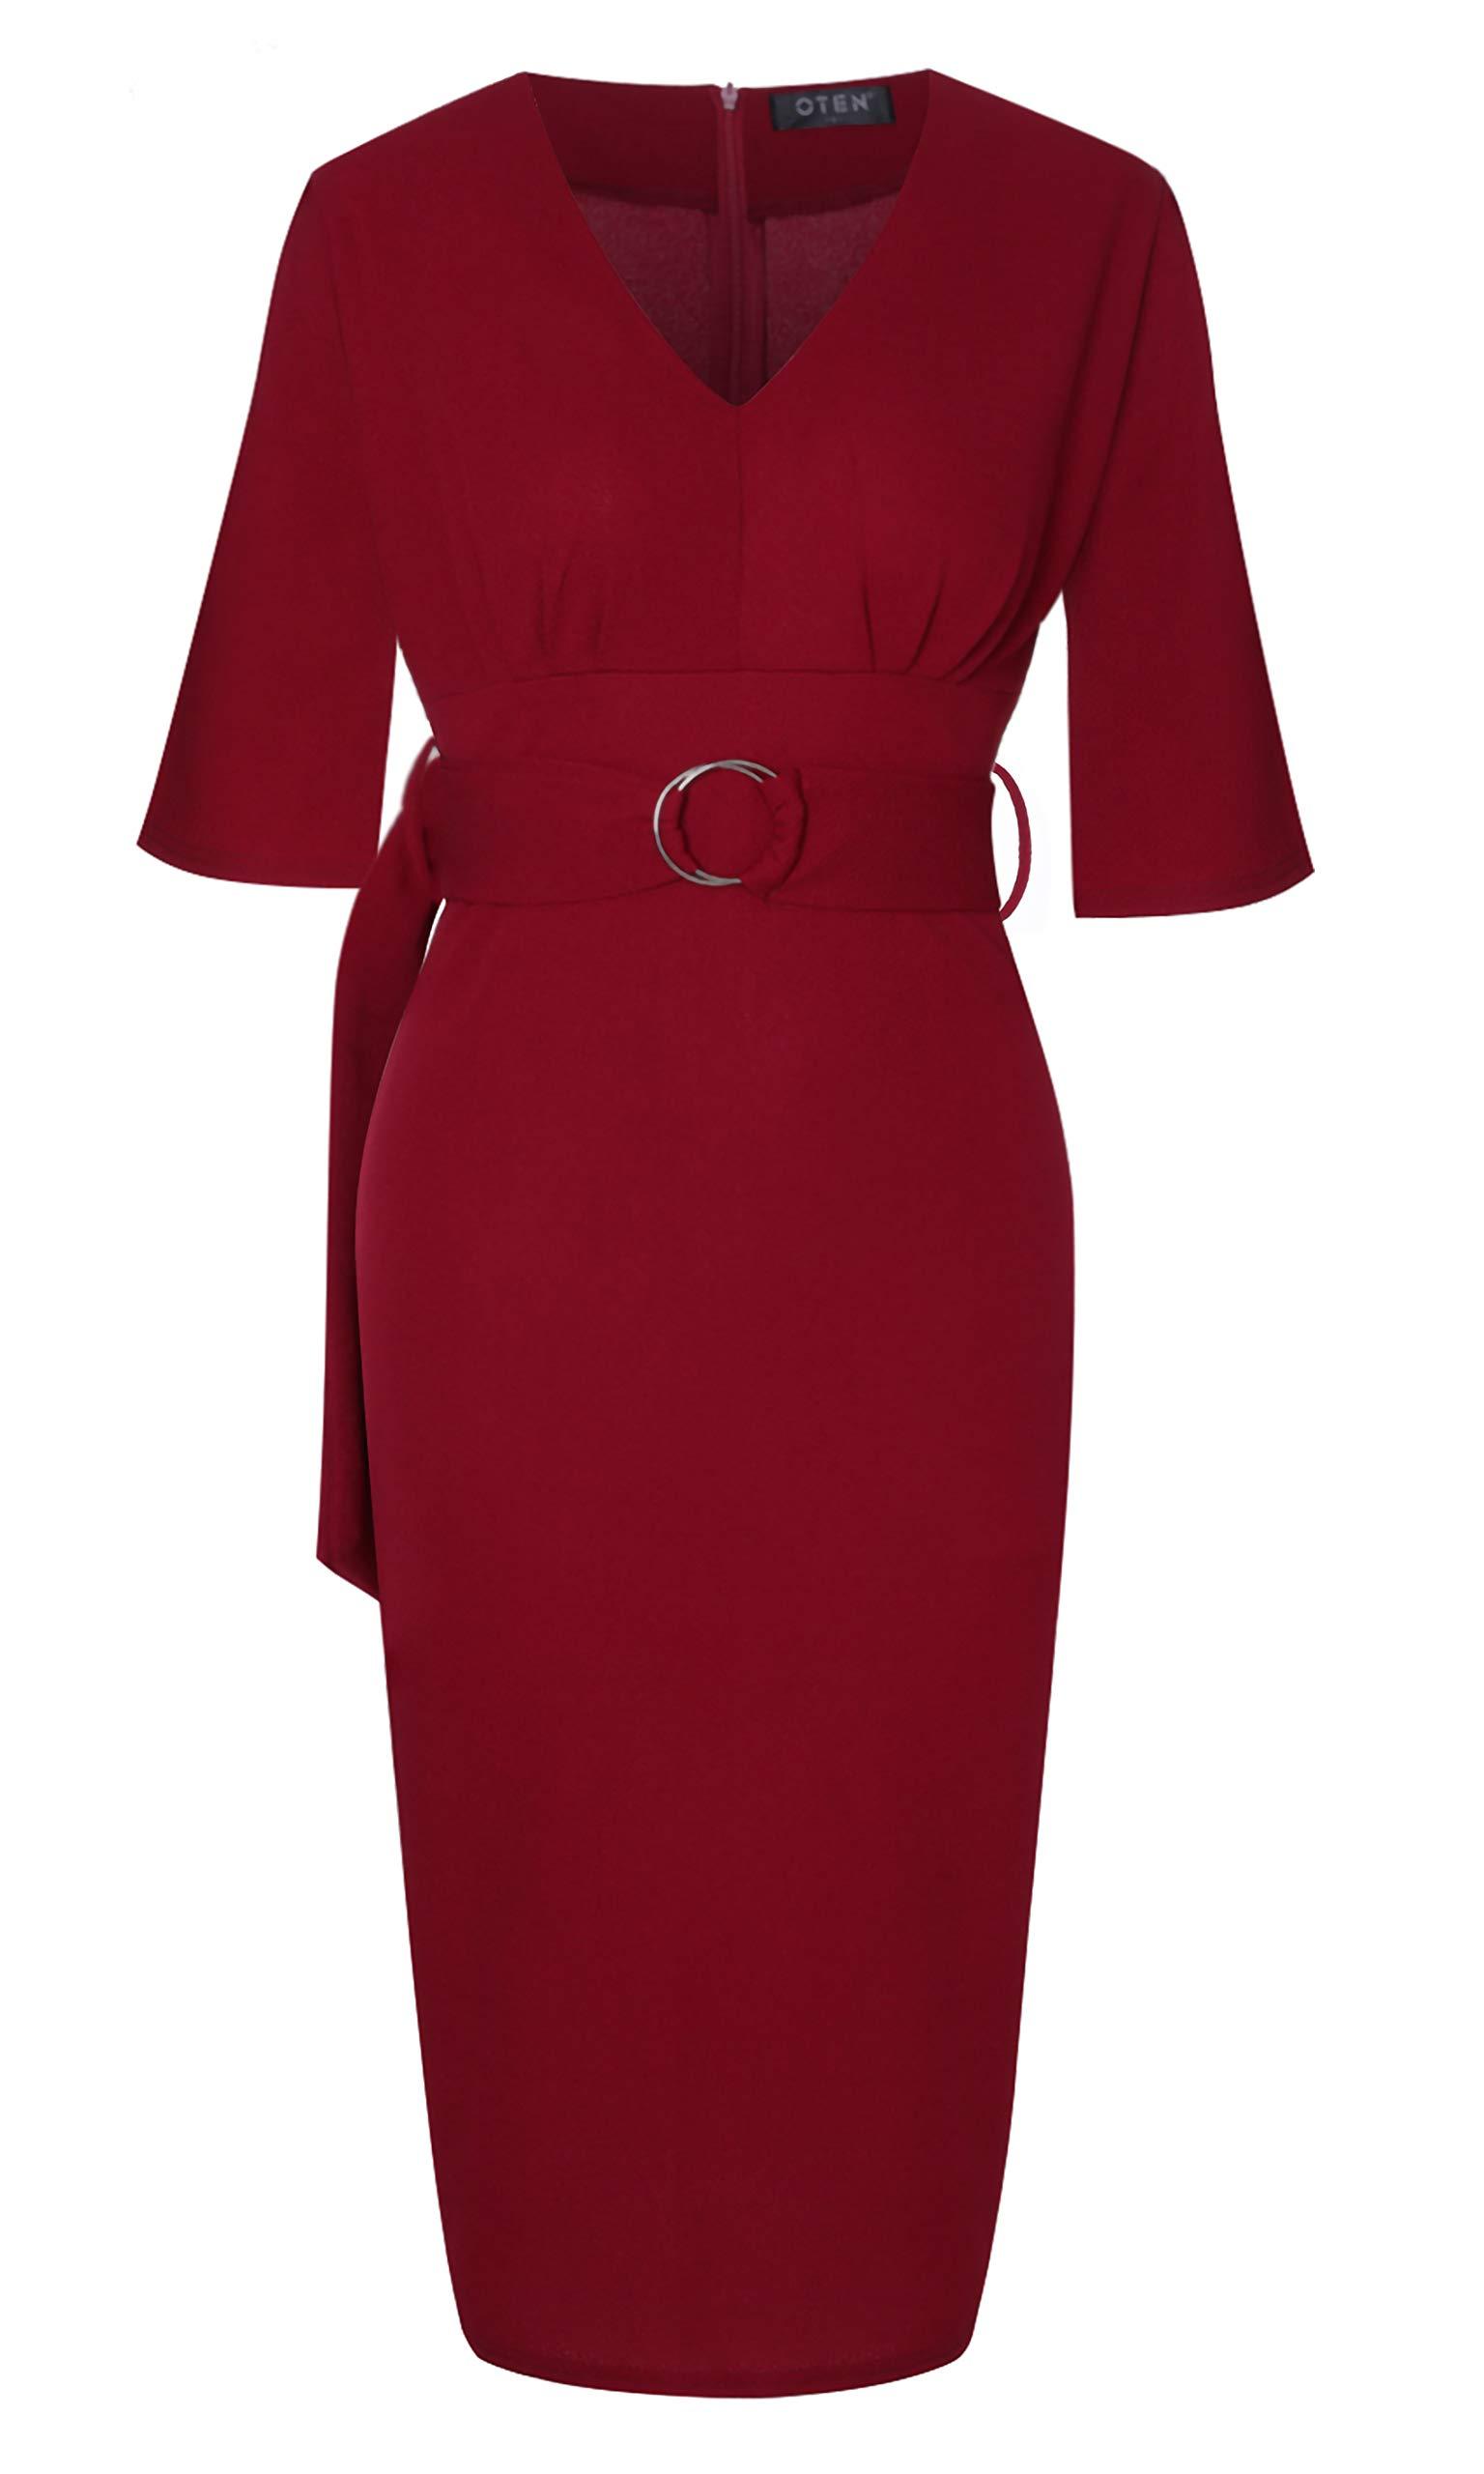 oten Skirt Wine Red